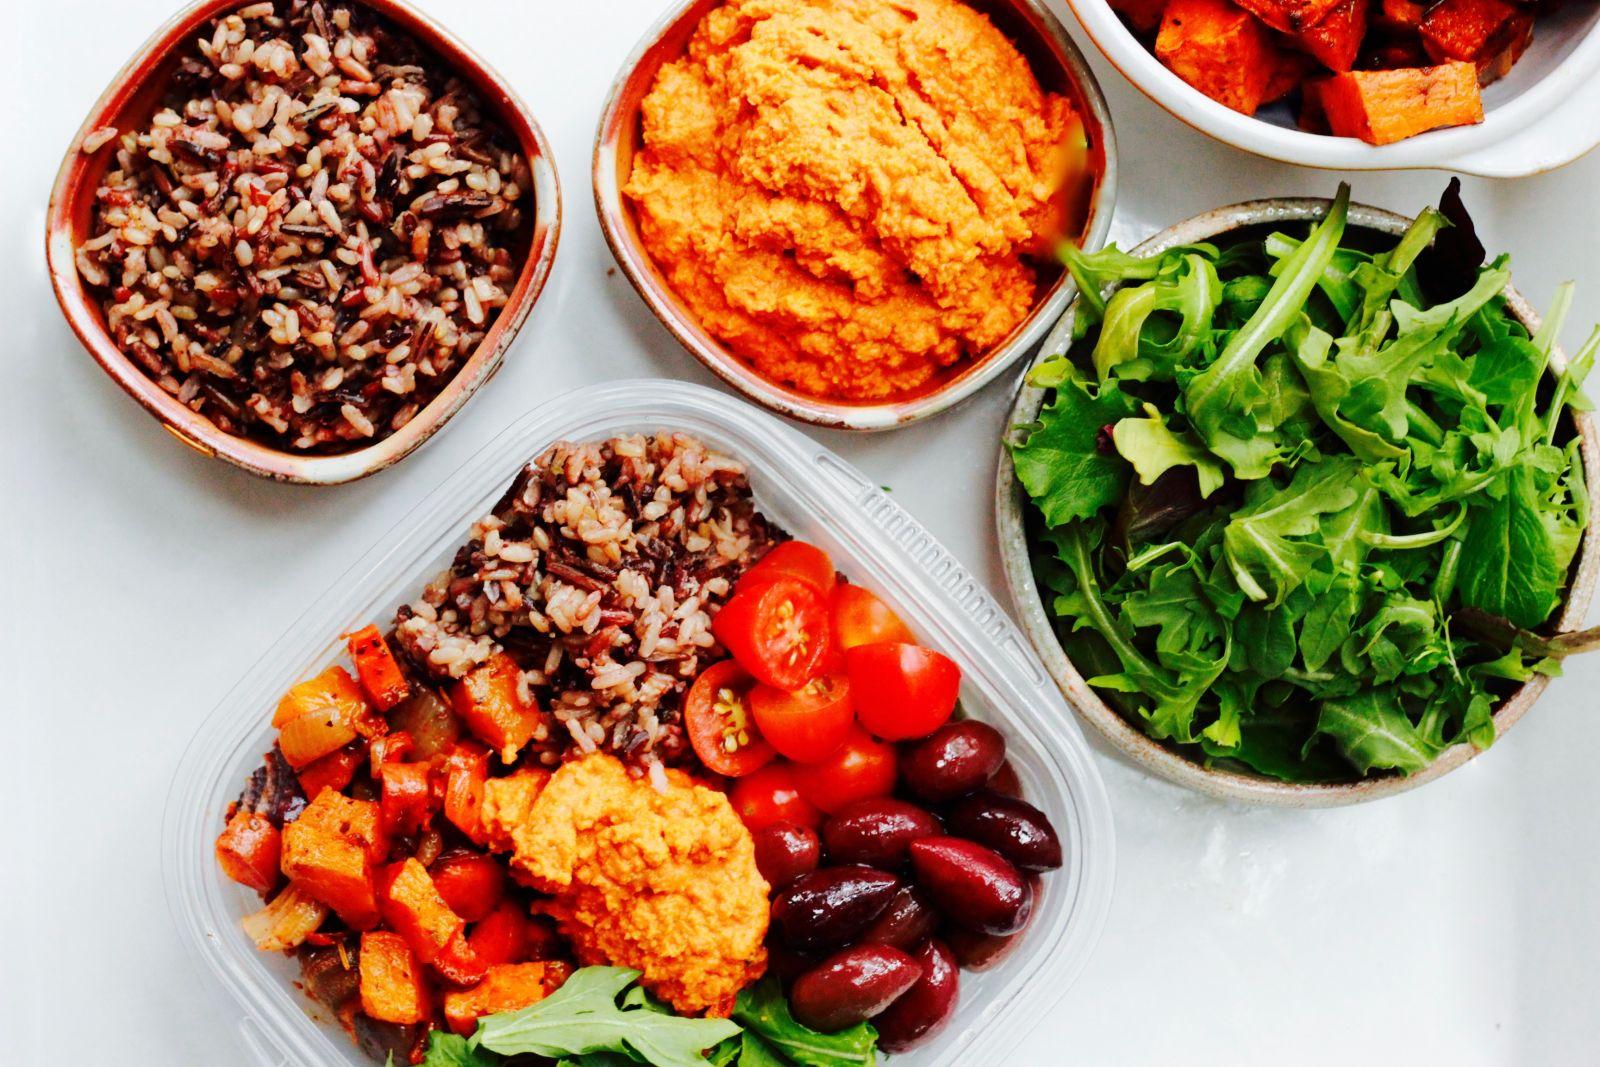 5 ราศีที่ต้องระวังในเรื่องอาหารการกิน